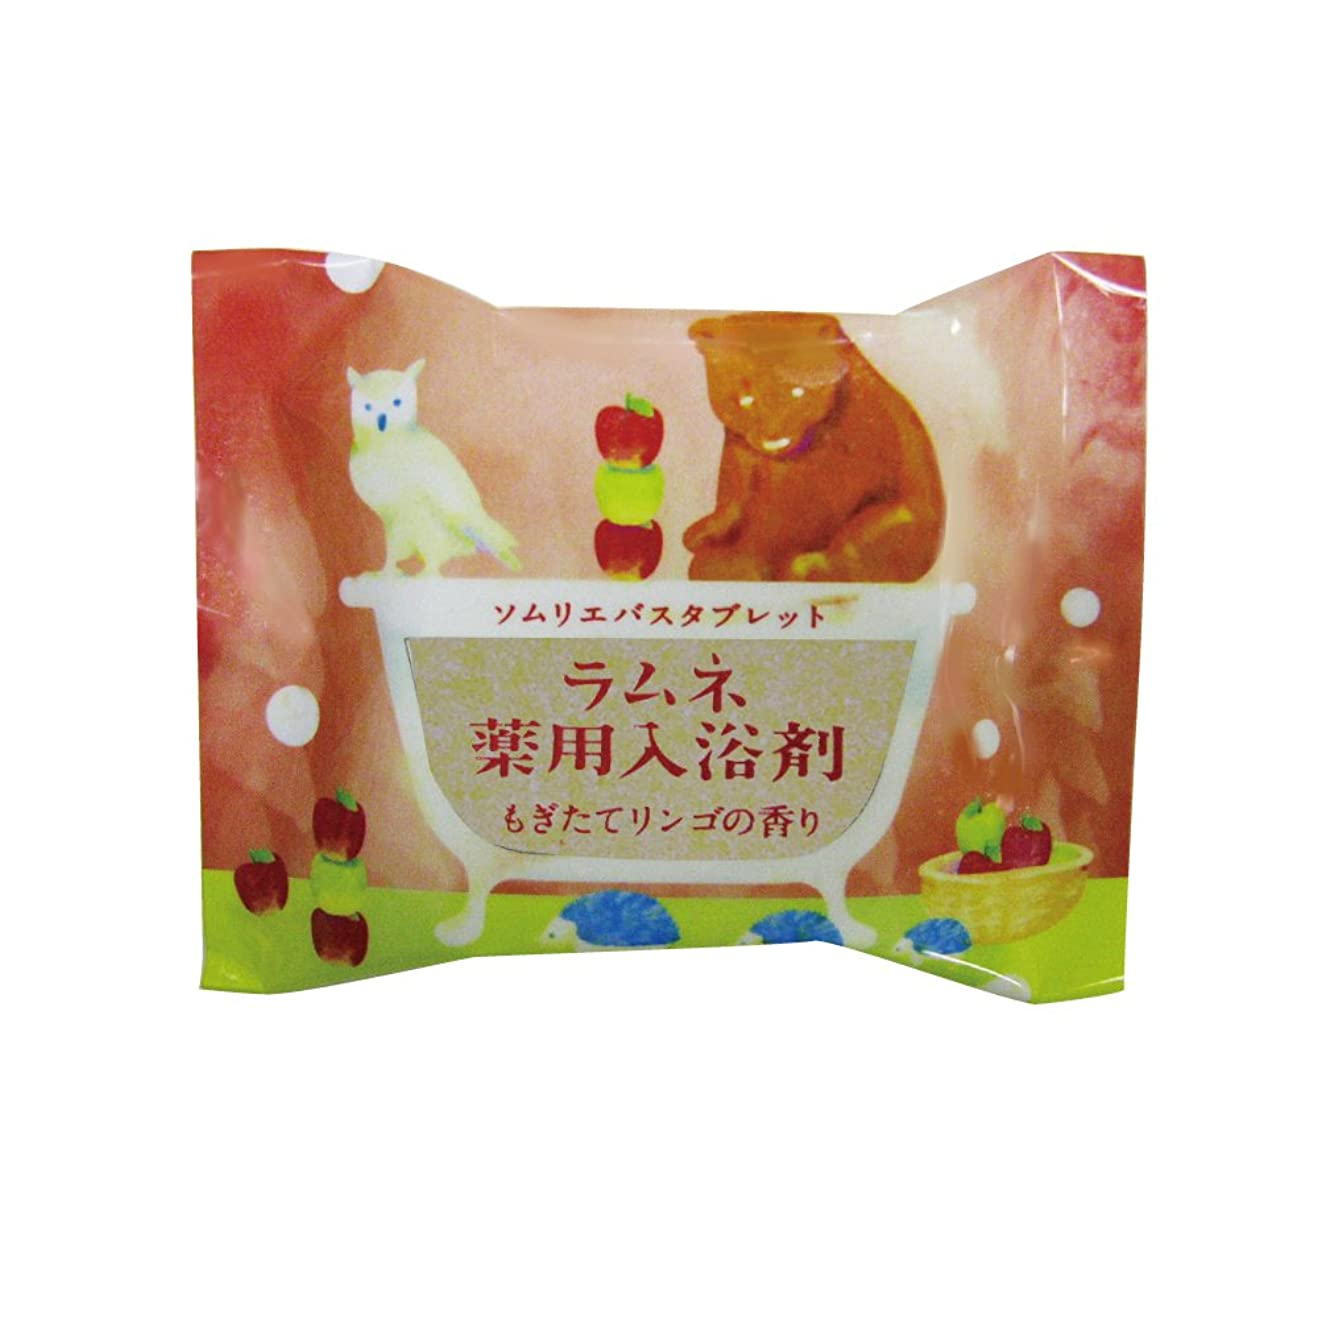 家庭教師普遍的な熱心なソムリエバスタブレット ラムネ薬用入浴剤 もぎたてリンゴの香り 12個セット